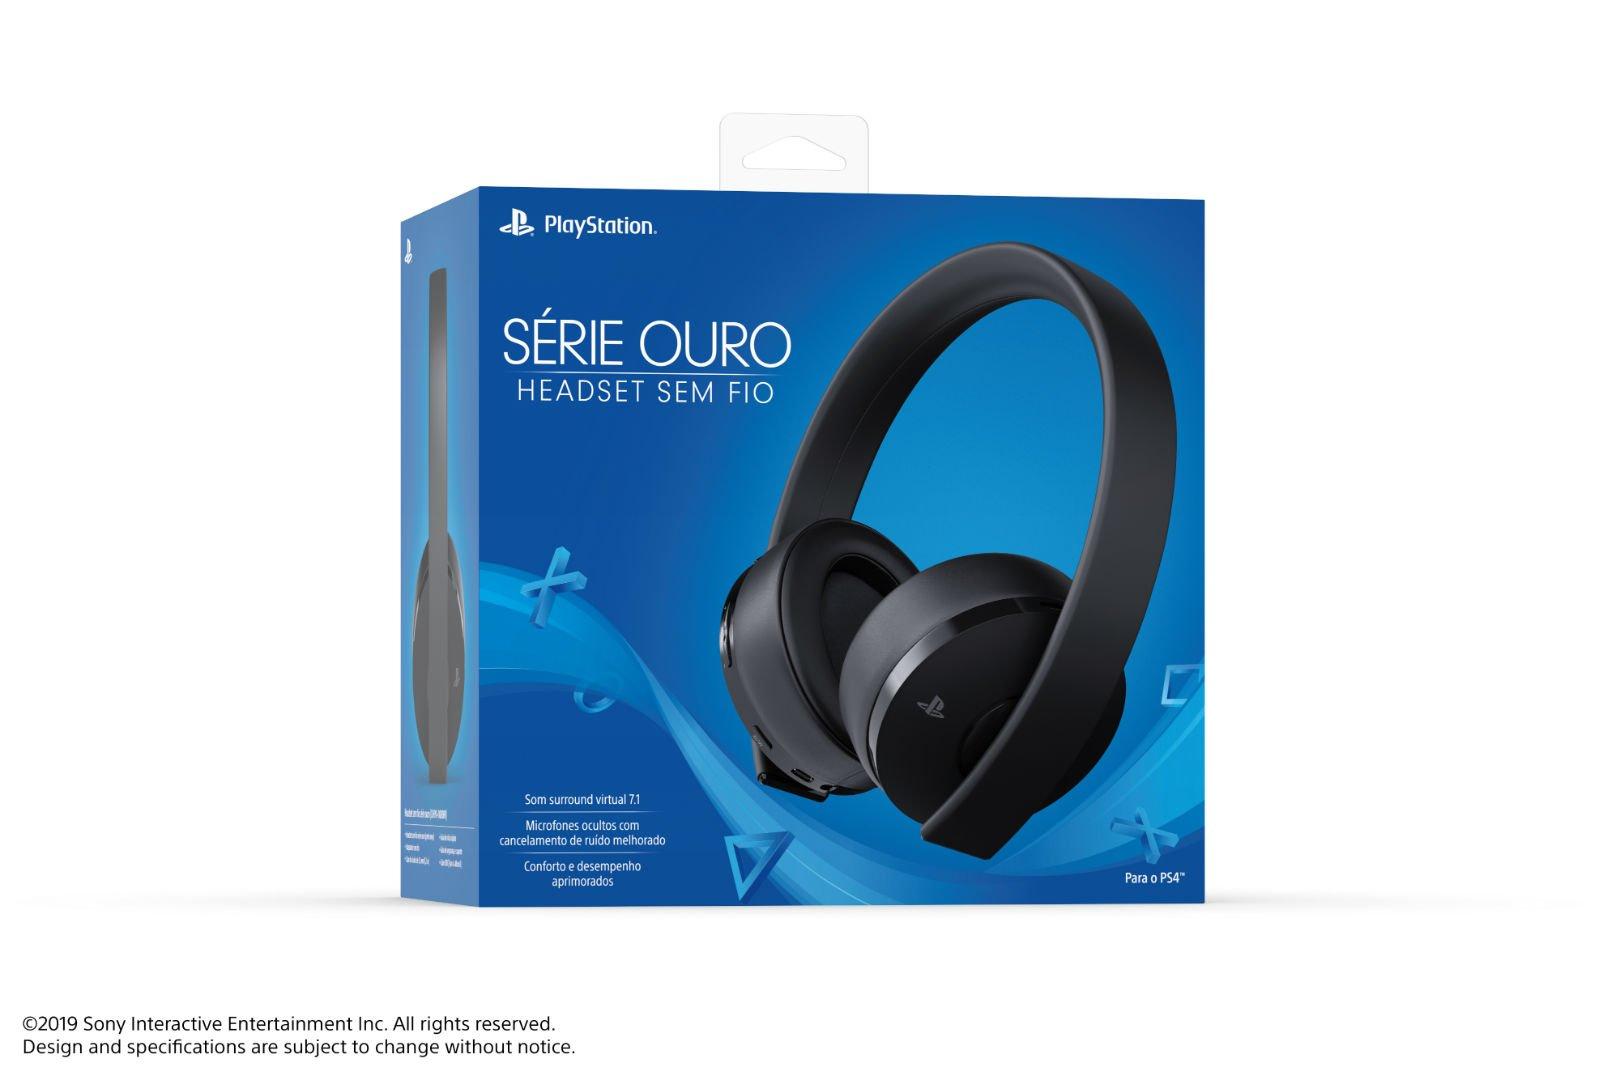 Headset PlayStation Série Ouro chega oficialmente ao Brasil por R$ 499 8